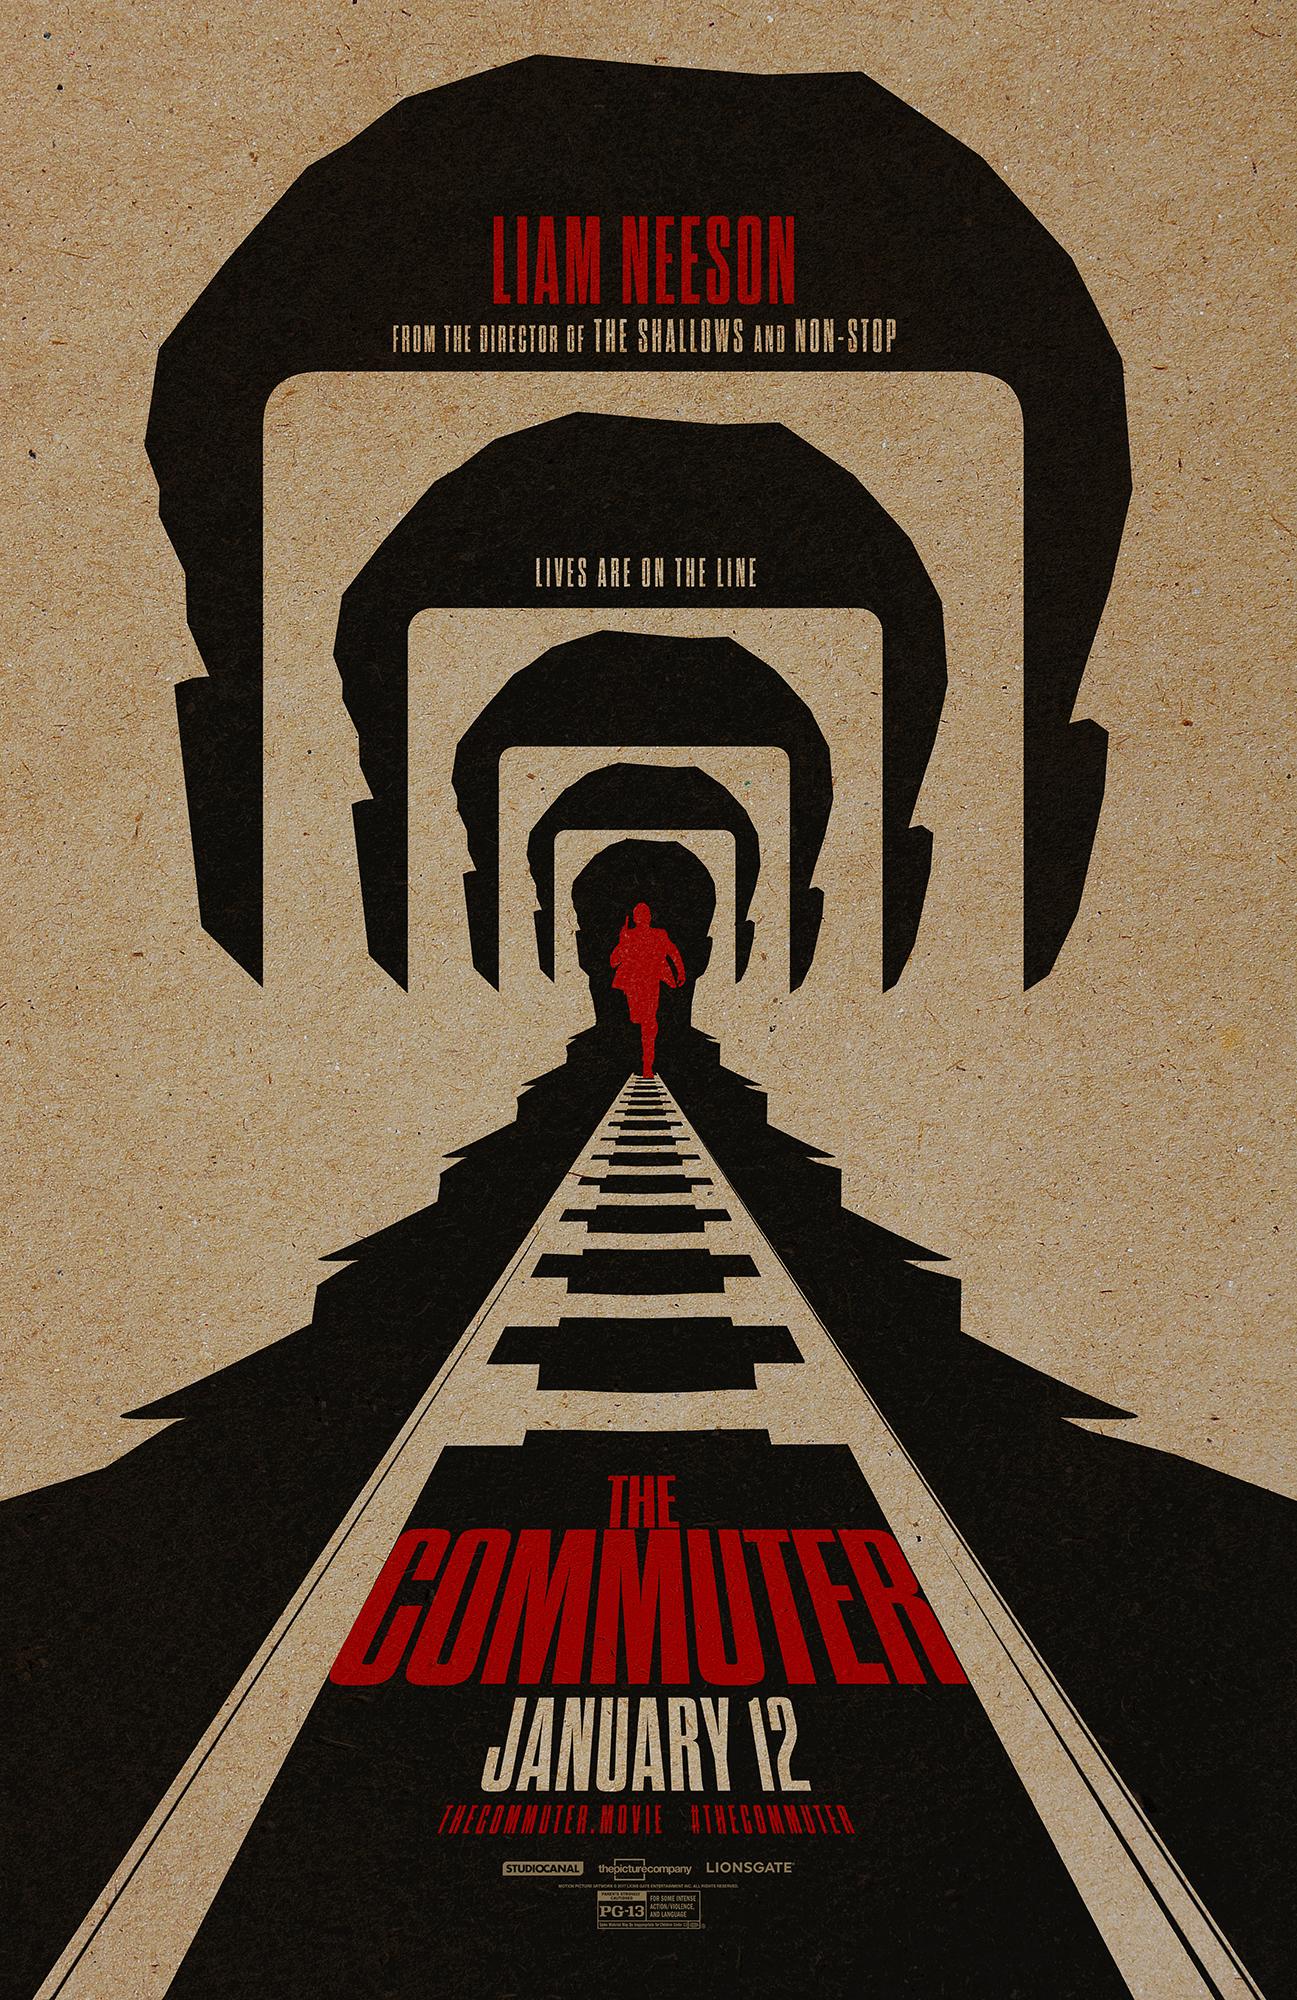 TheCommuter_1Sht_Teaser_VF_100dpi.jpg